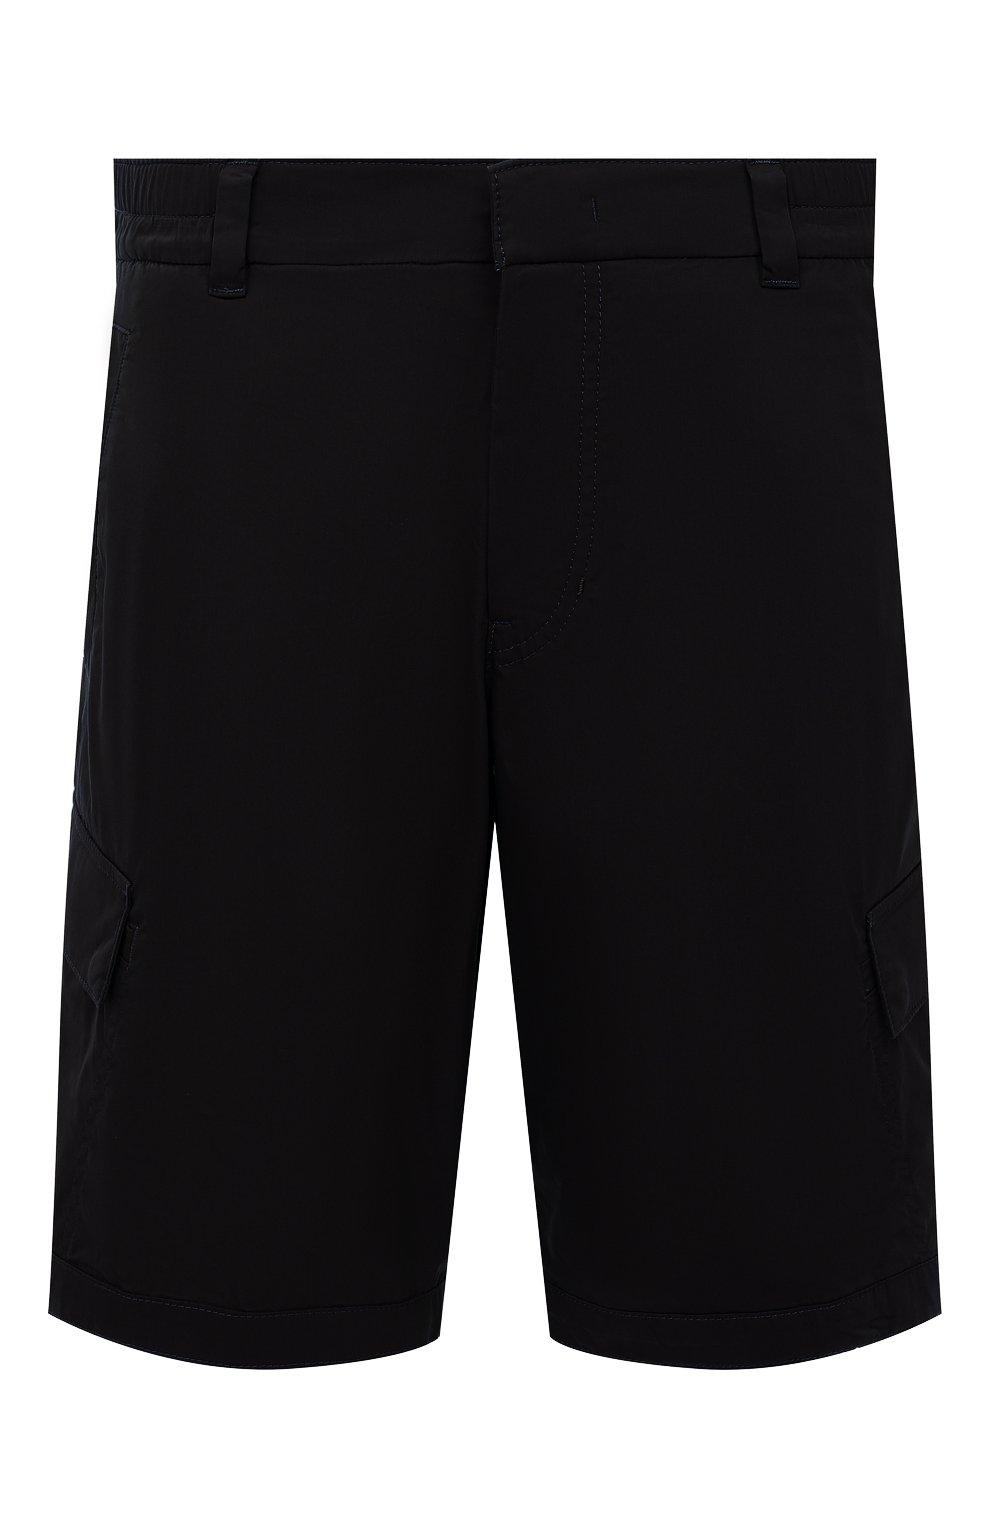 Мужские хлопковые шорты BOGNER темно-синего цвета, арт. 18173753 | Фото 1 (Мужское Кросс-КТ: Шорты-одежда; Принт: Без принта; Длина Шорты М: Ниже колена; Материал внешний: Хлопок; Стили: Спорт-шик)